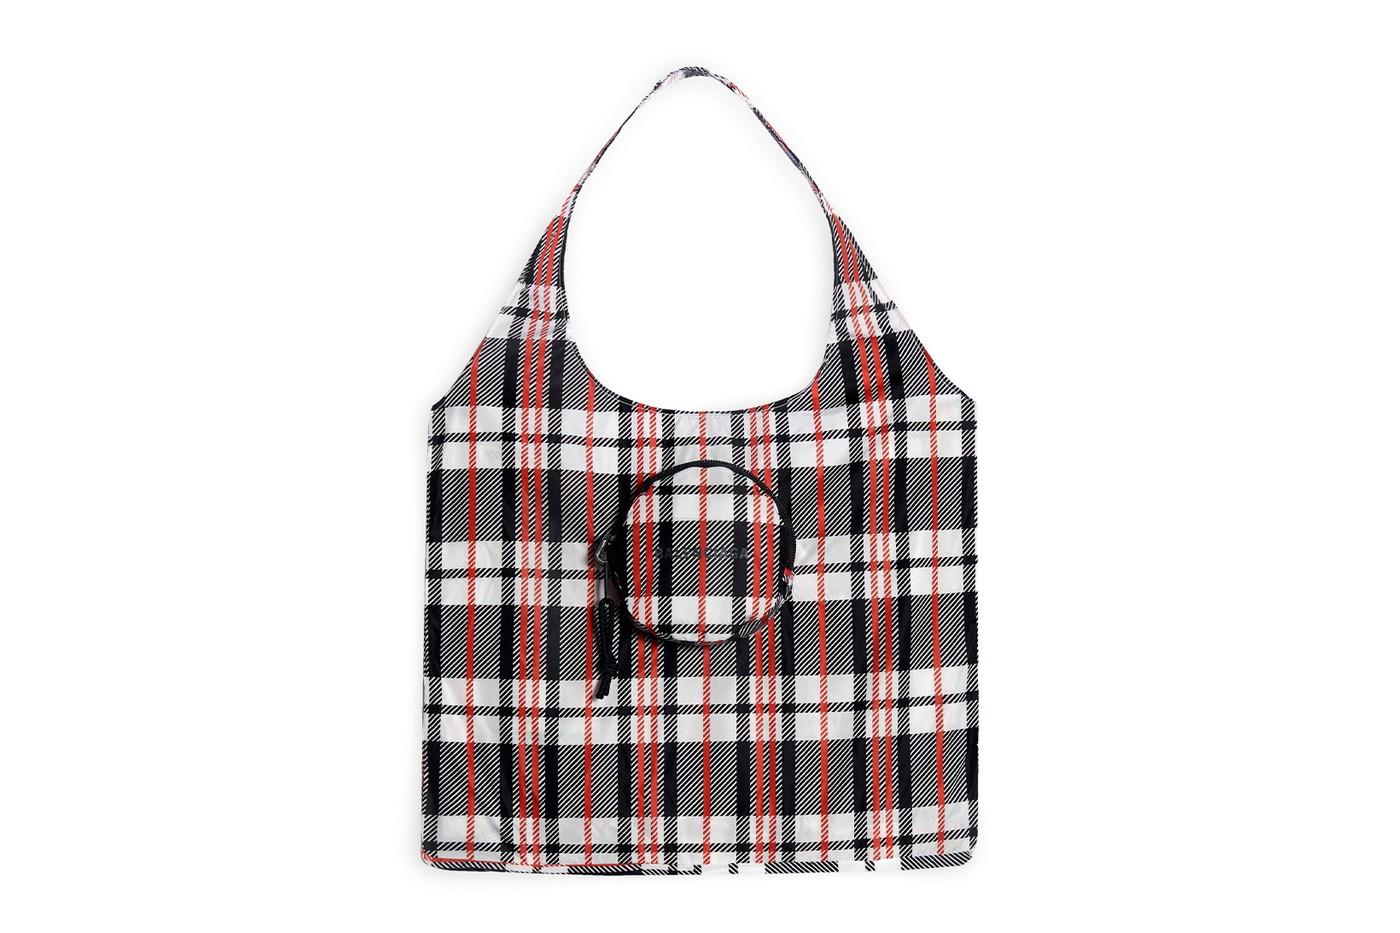 balenciaga grocery shopper bags logo reusable collapsible release